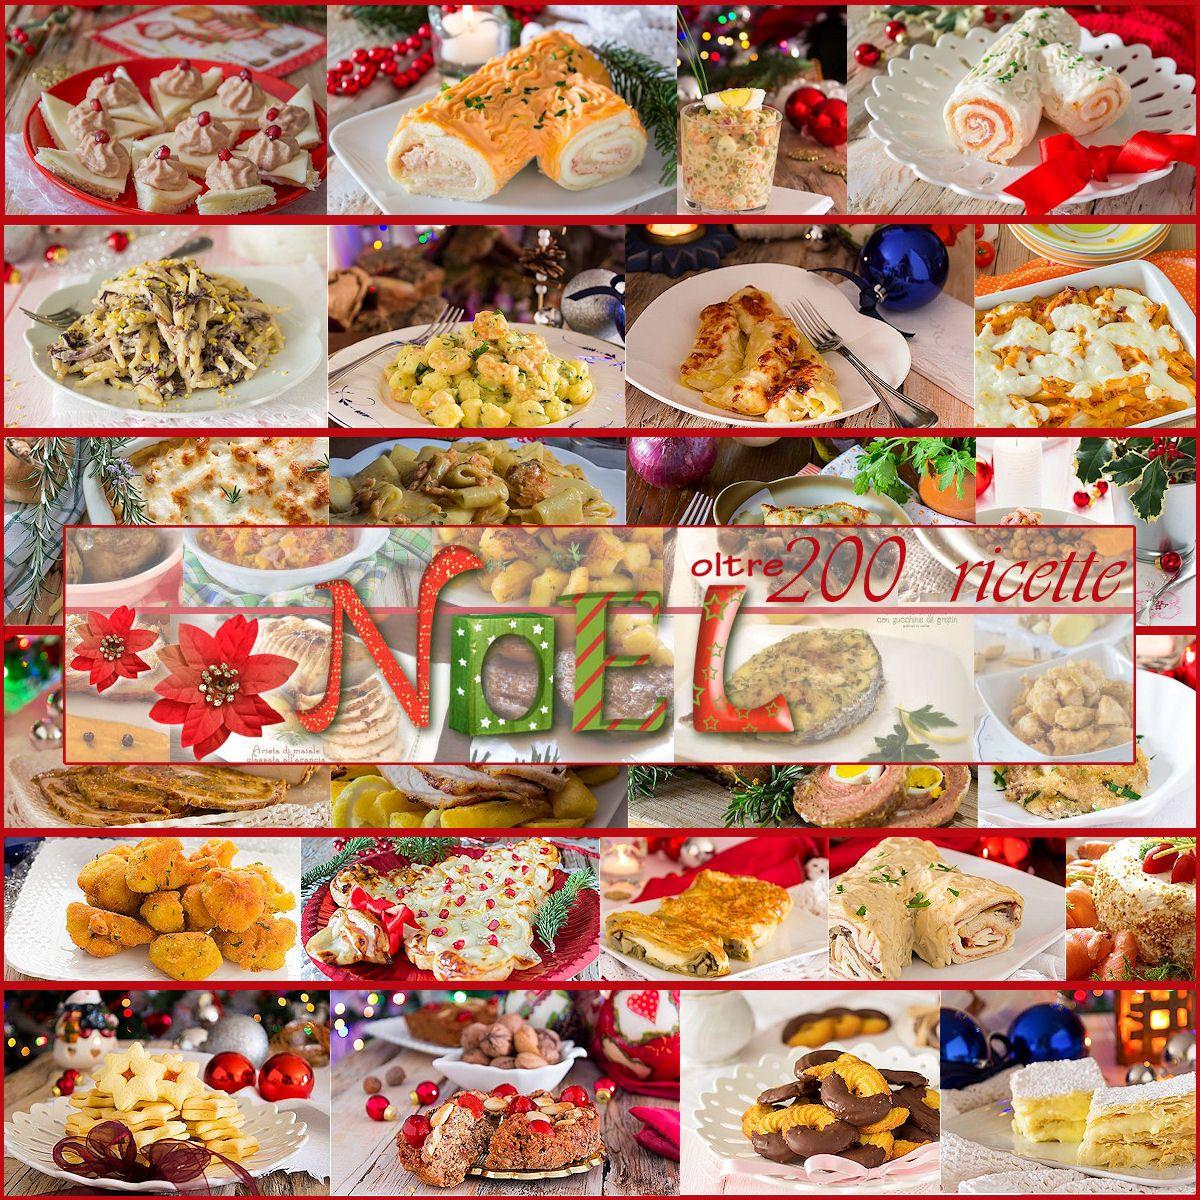 Antipasti Di Natale La Cucina Italiana.Menu Di Natale Dall Antipasto Al Dolce Con Immagini Piatti Di Natale Ricette Ricette Antipasti Natale